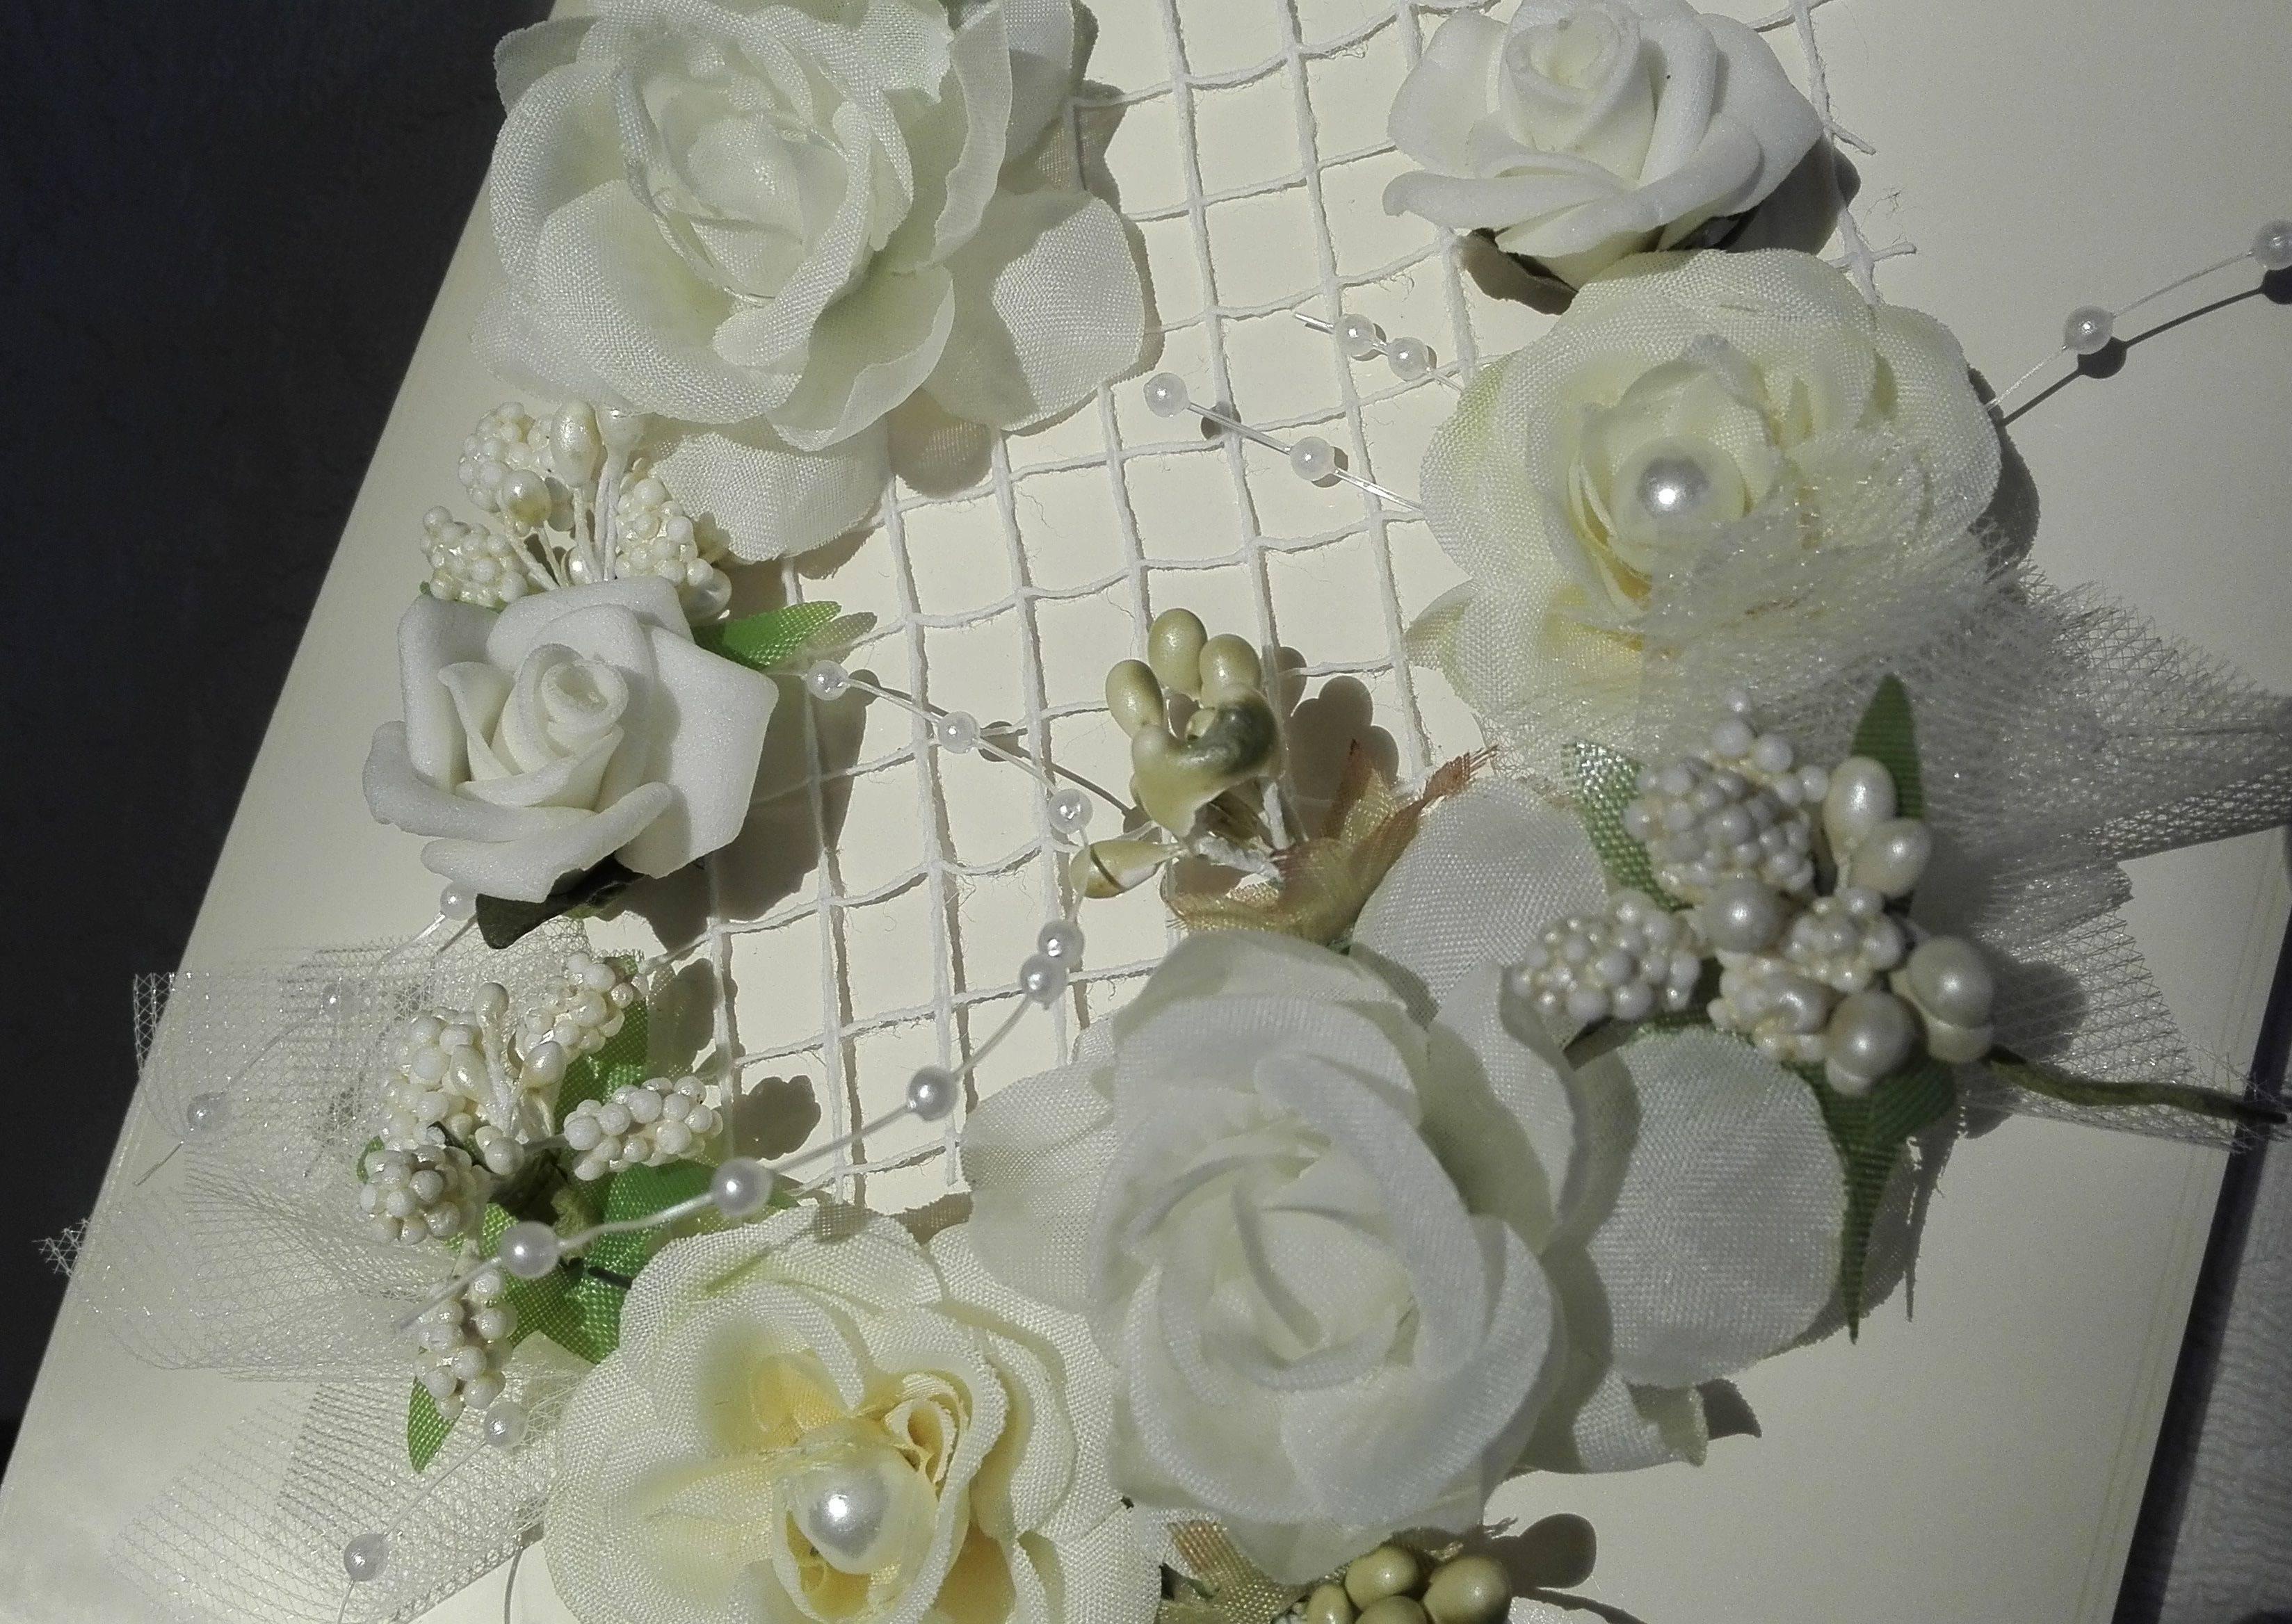 Сценарий жемчужной свадьбы с играми и конкурсами (30 лет со свадьбы)